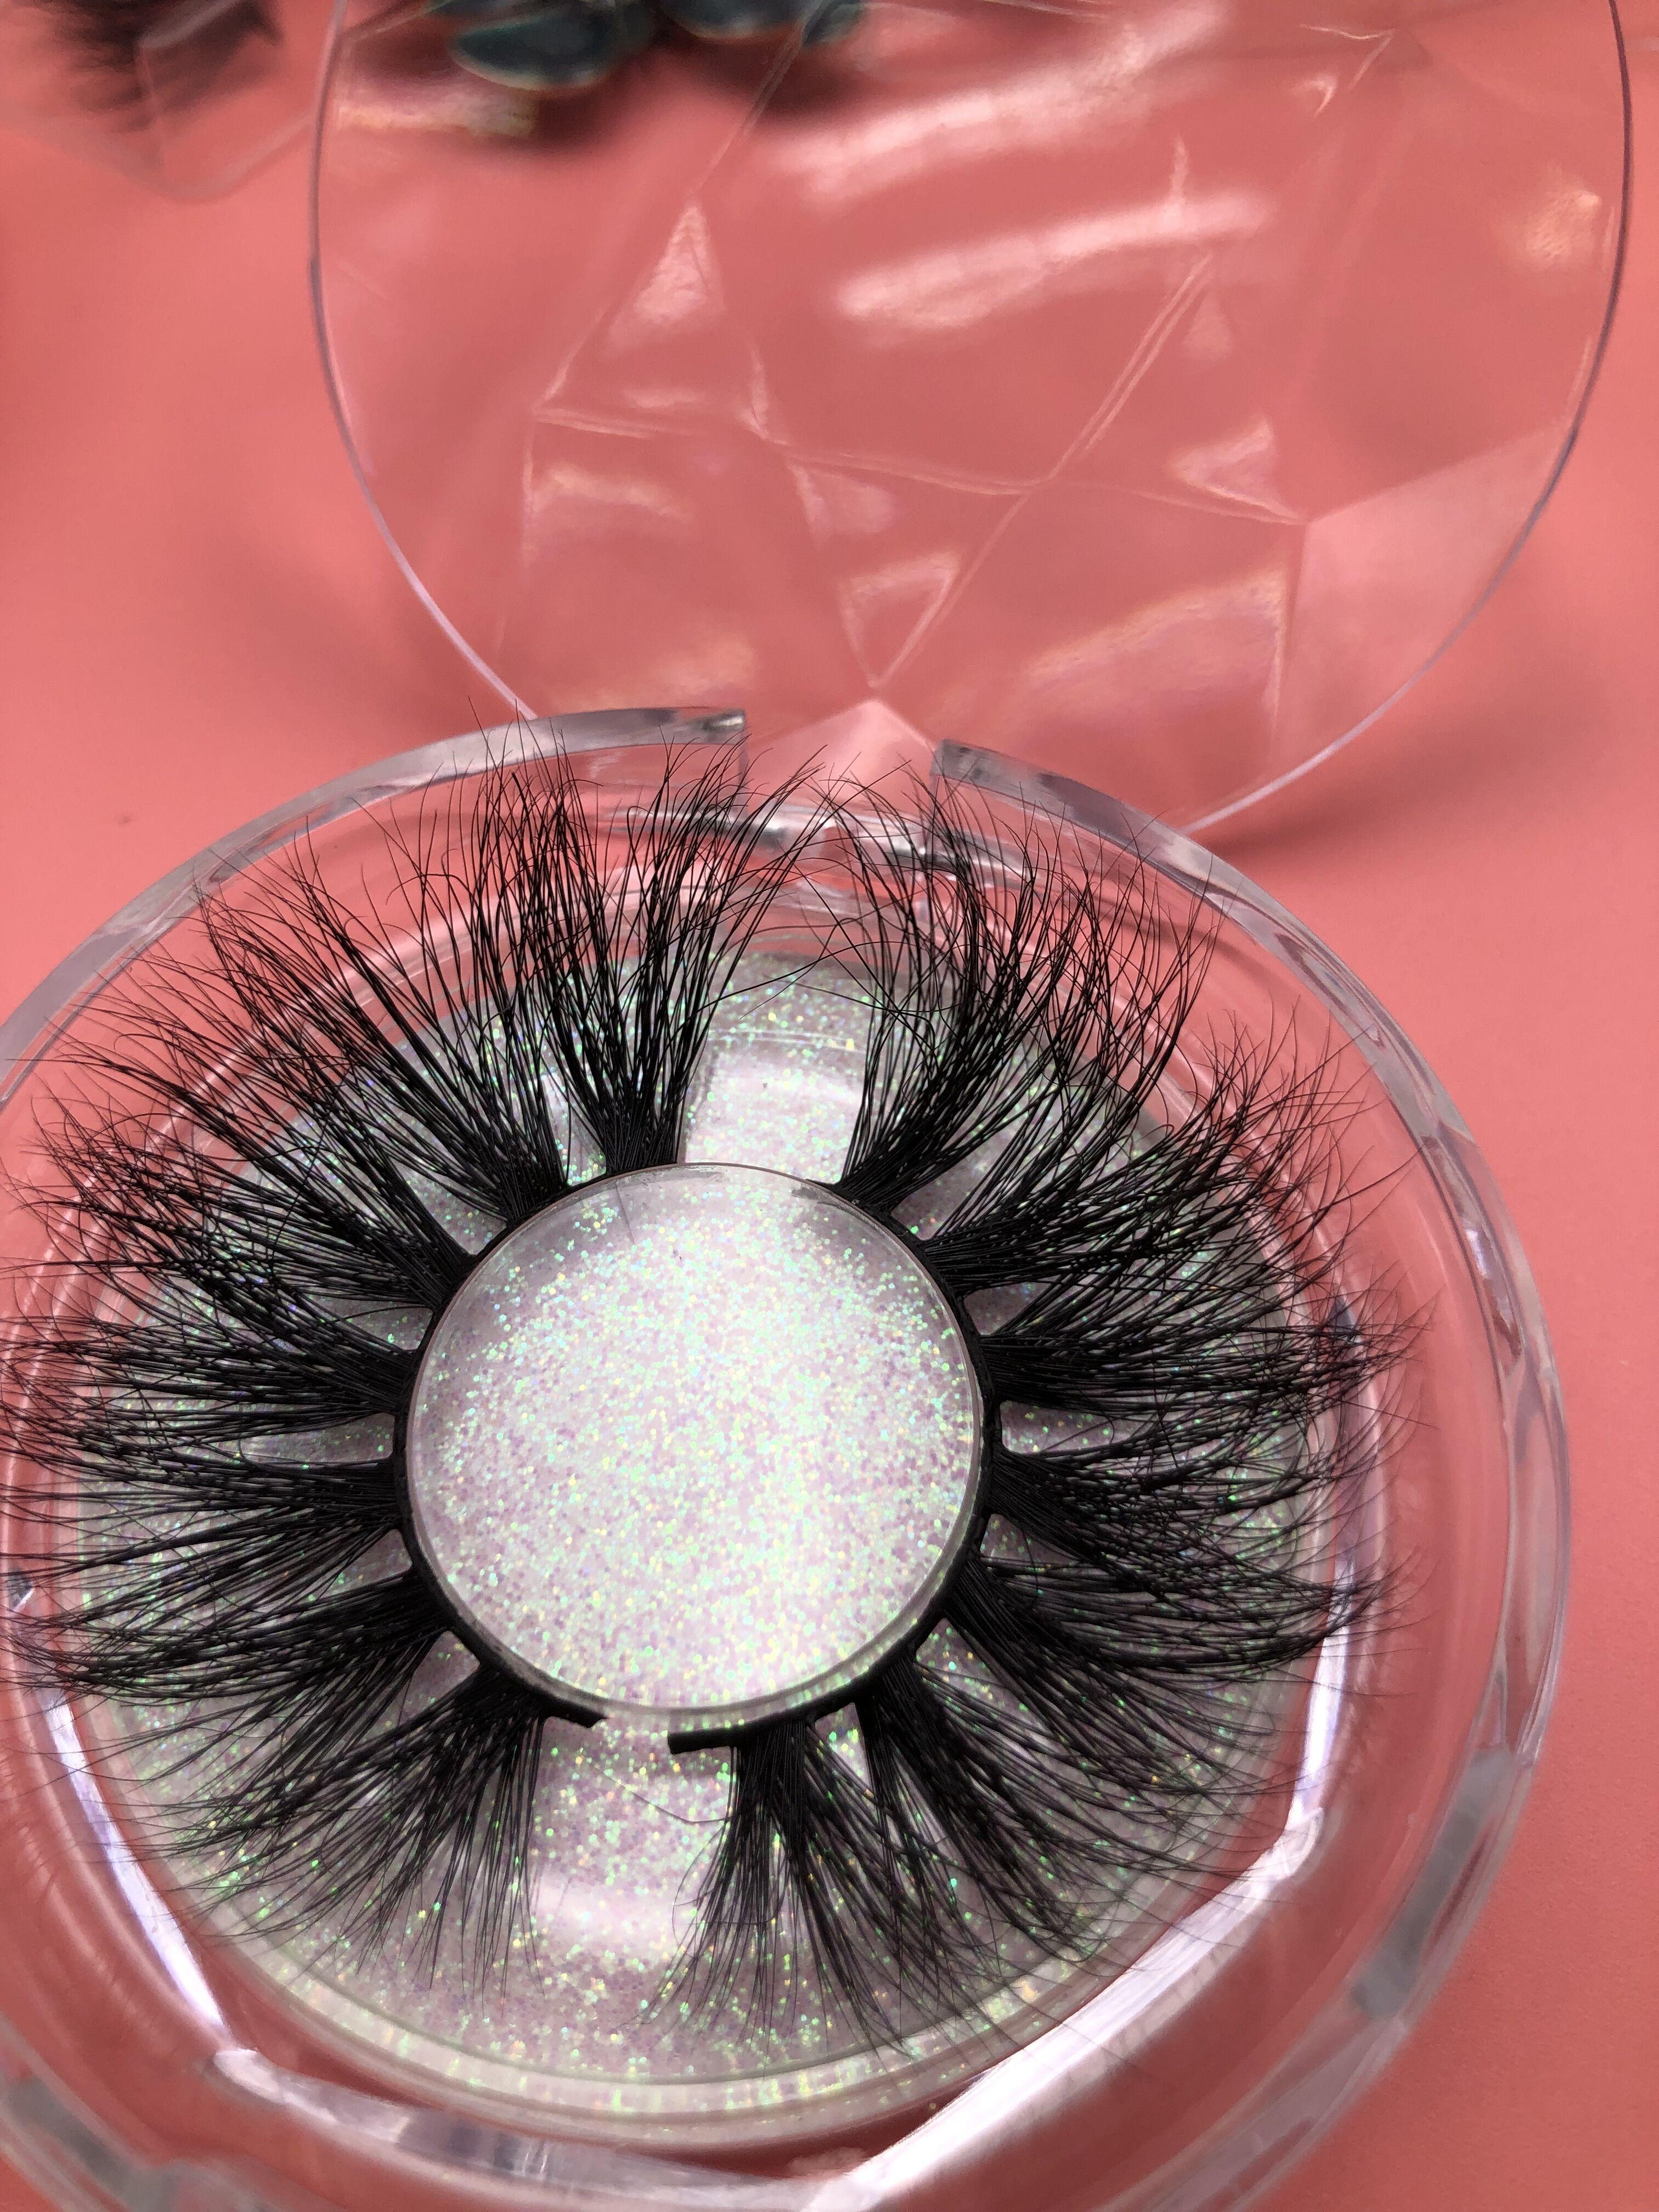 a1258c6e40d review 3d wholesale 25mm mink lashes vendor - Etude Lashes